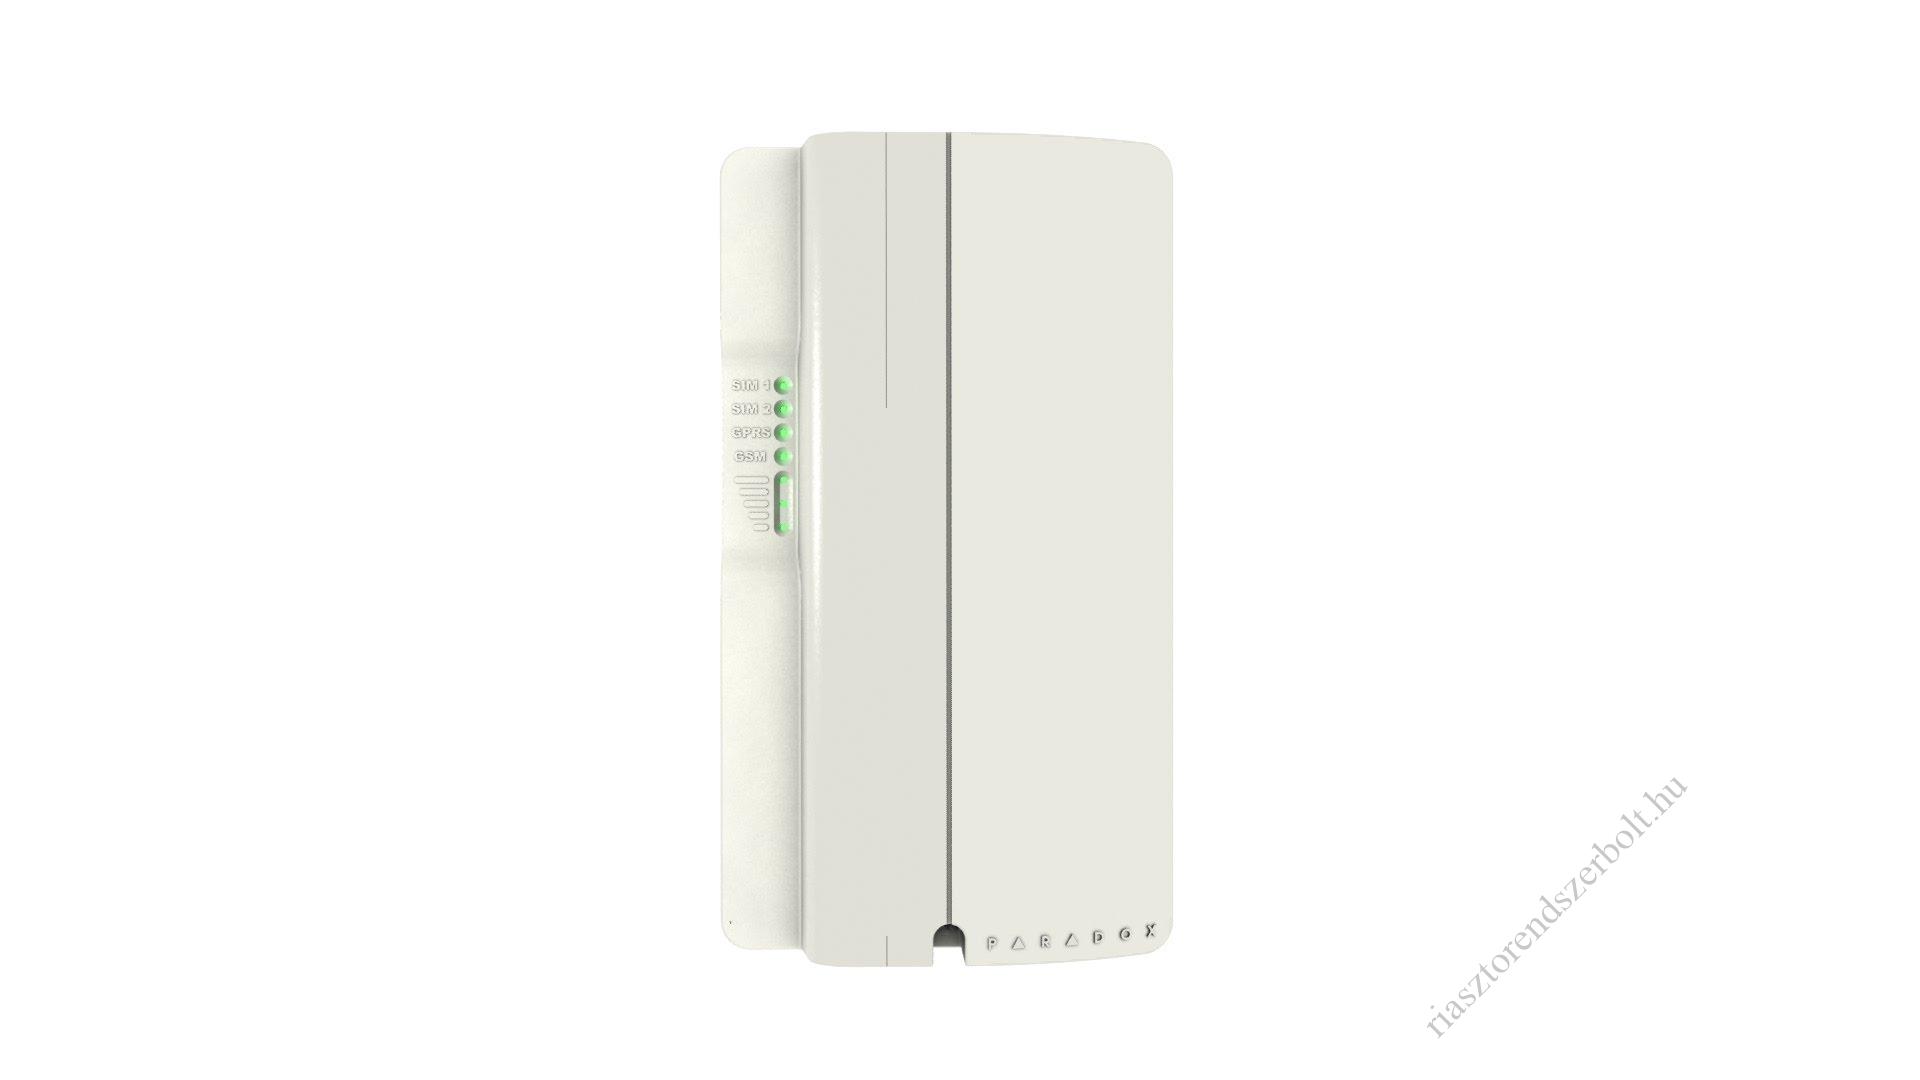 PARADOX PCS250G INSITE GOLD alkalmazáshoz és SMS küldés-re alkalmas 2G kommunikátor